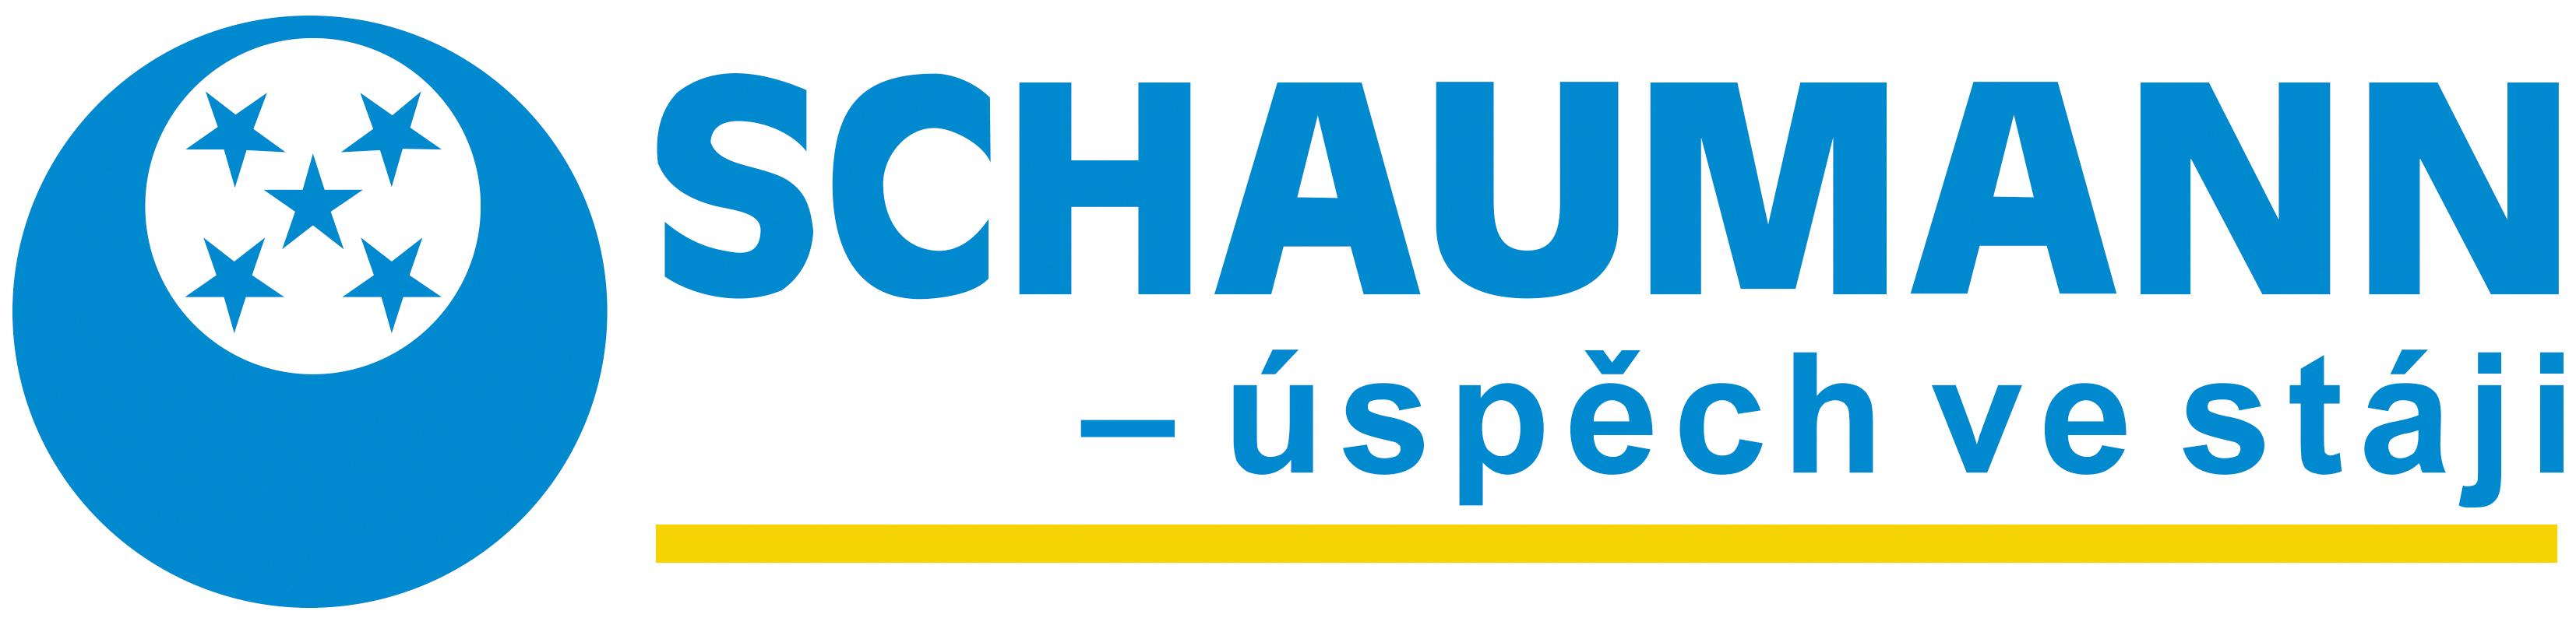 201603301449_logo_schaumann